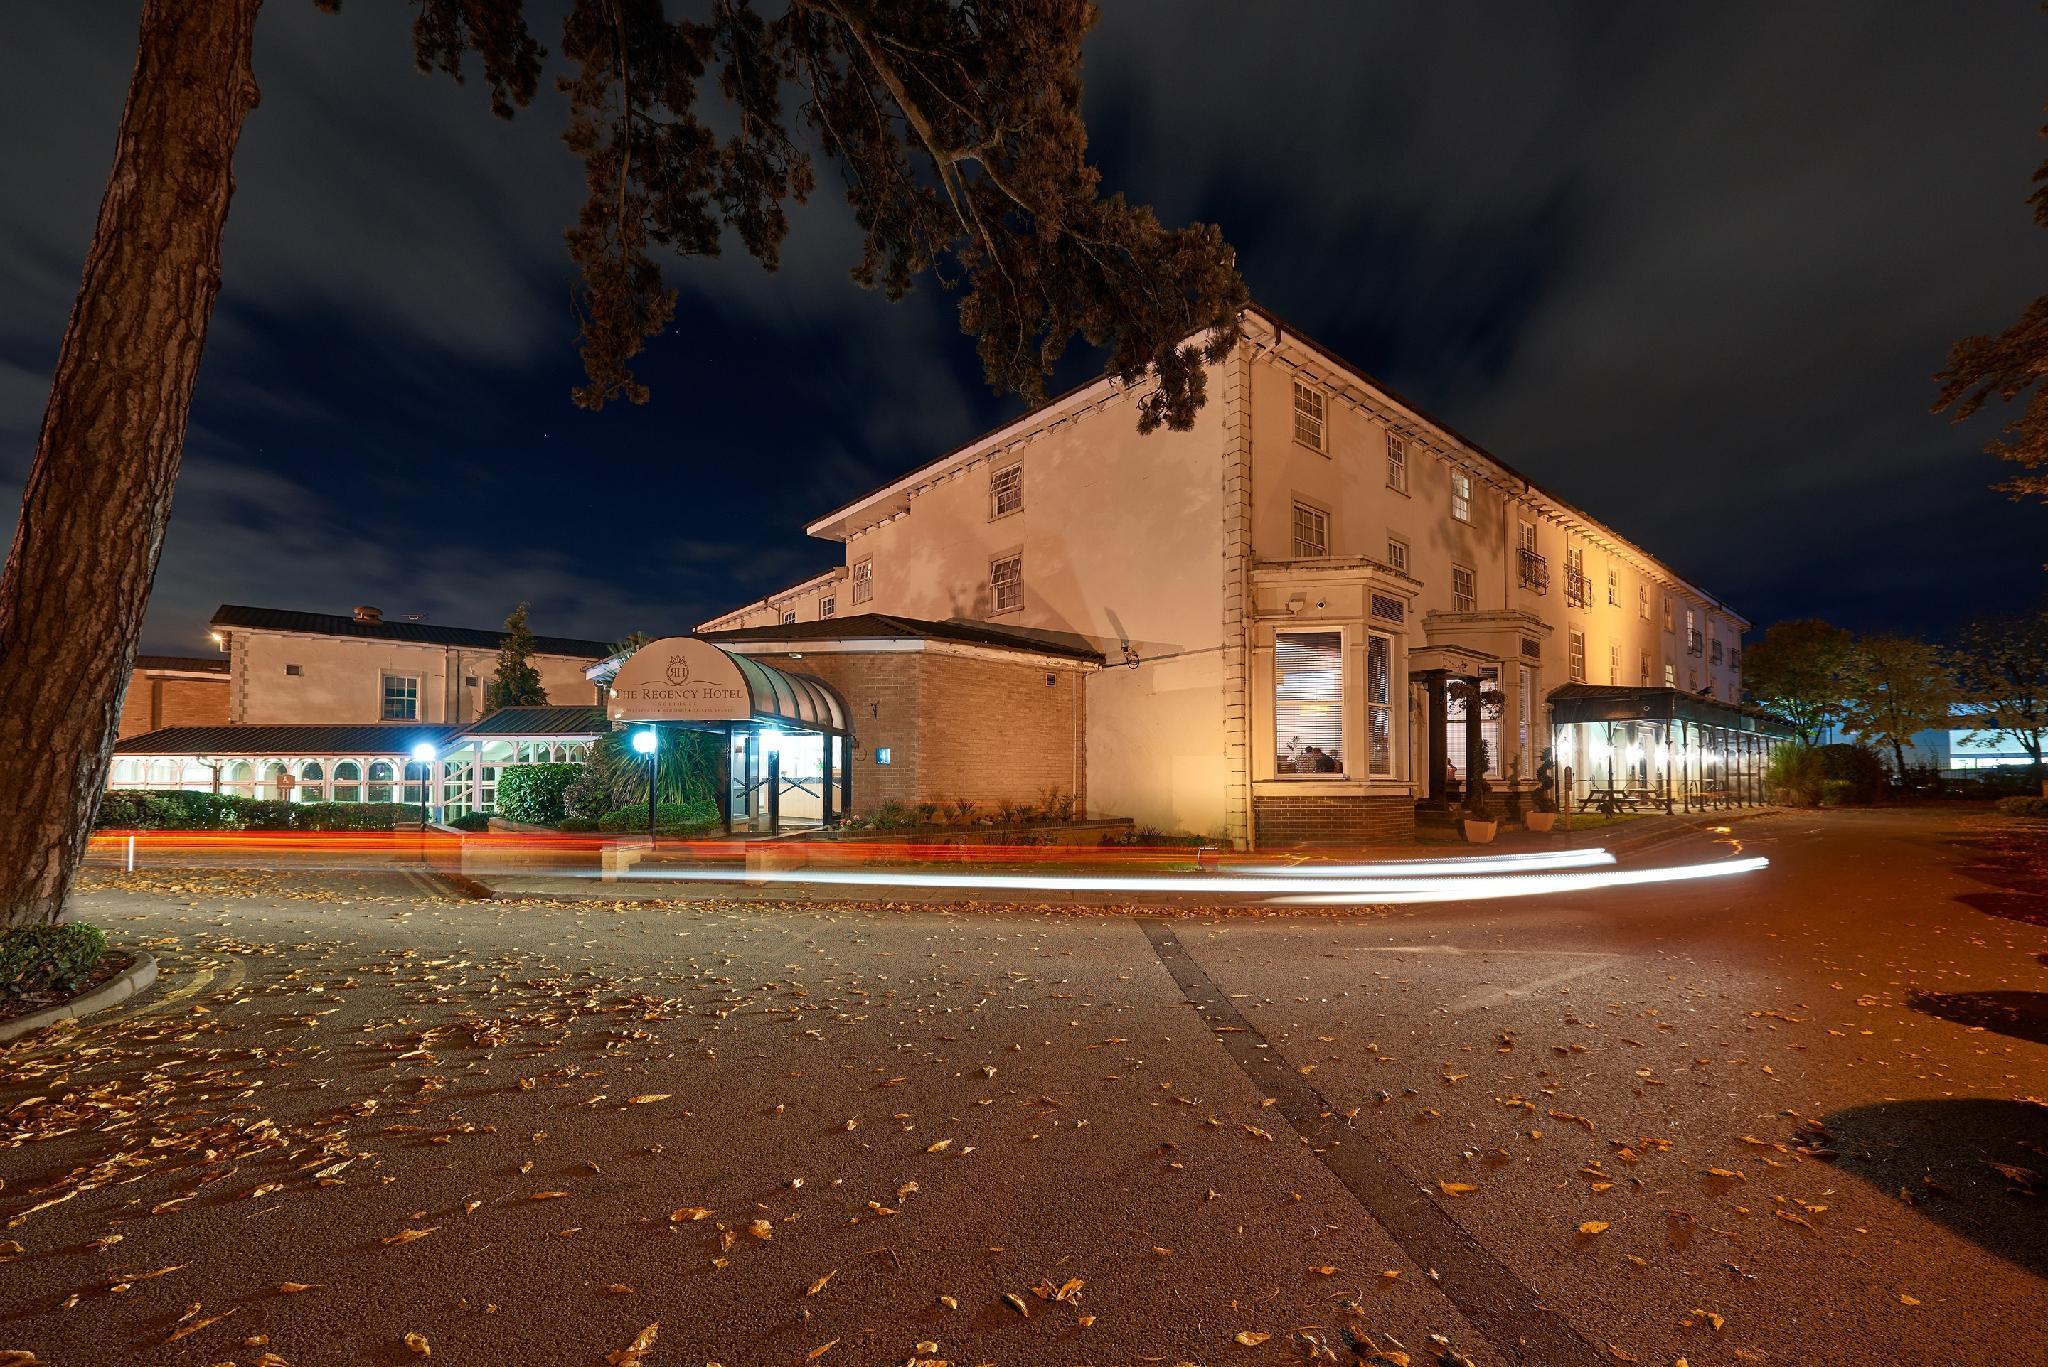 The Regency Hotel Solihull Birmingham United Kingdom